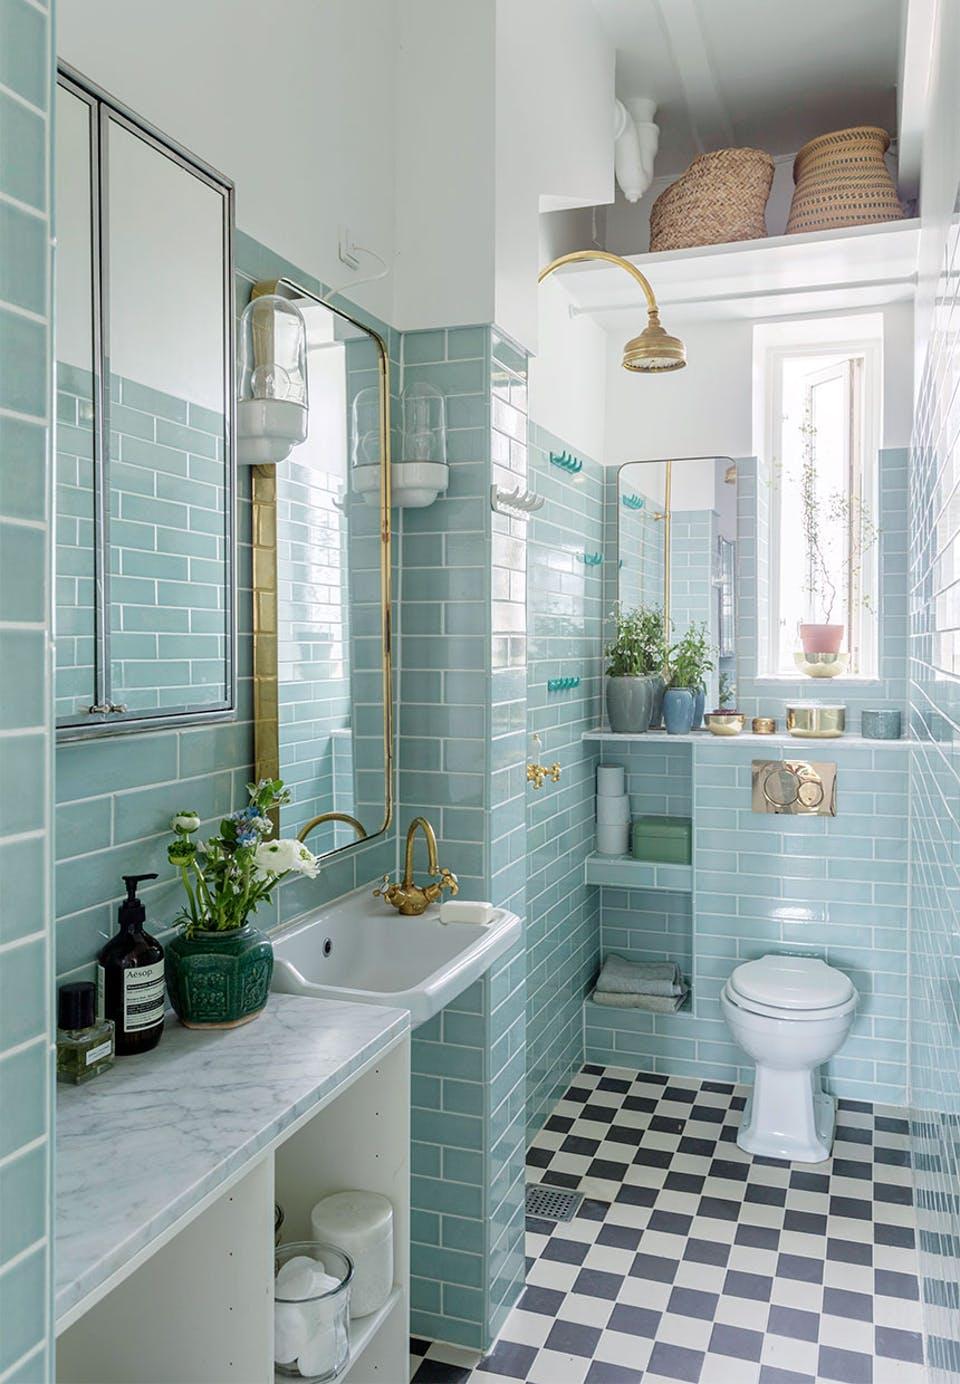 Badkamers met voorbeelden klassieke badkamer